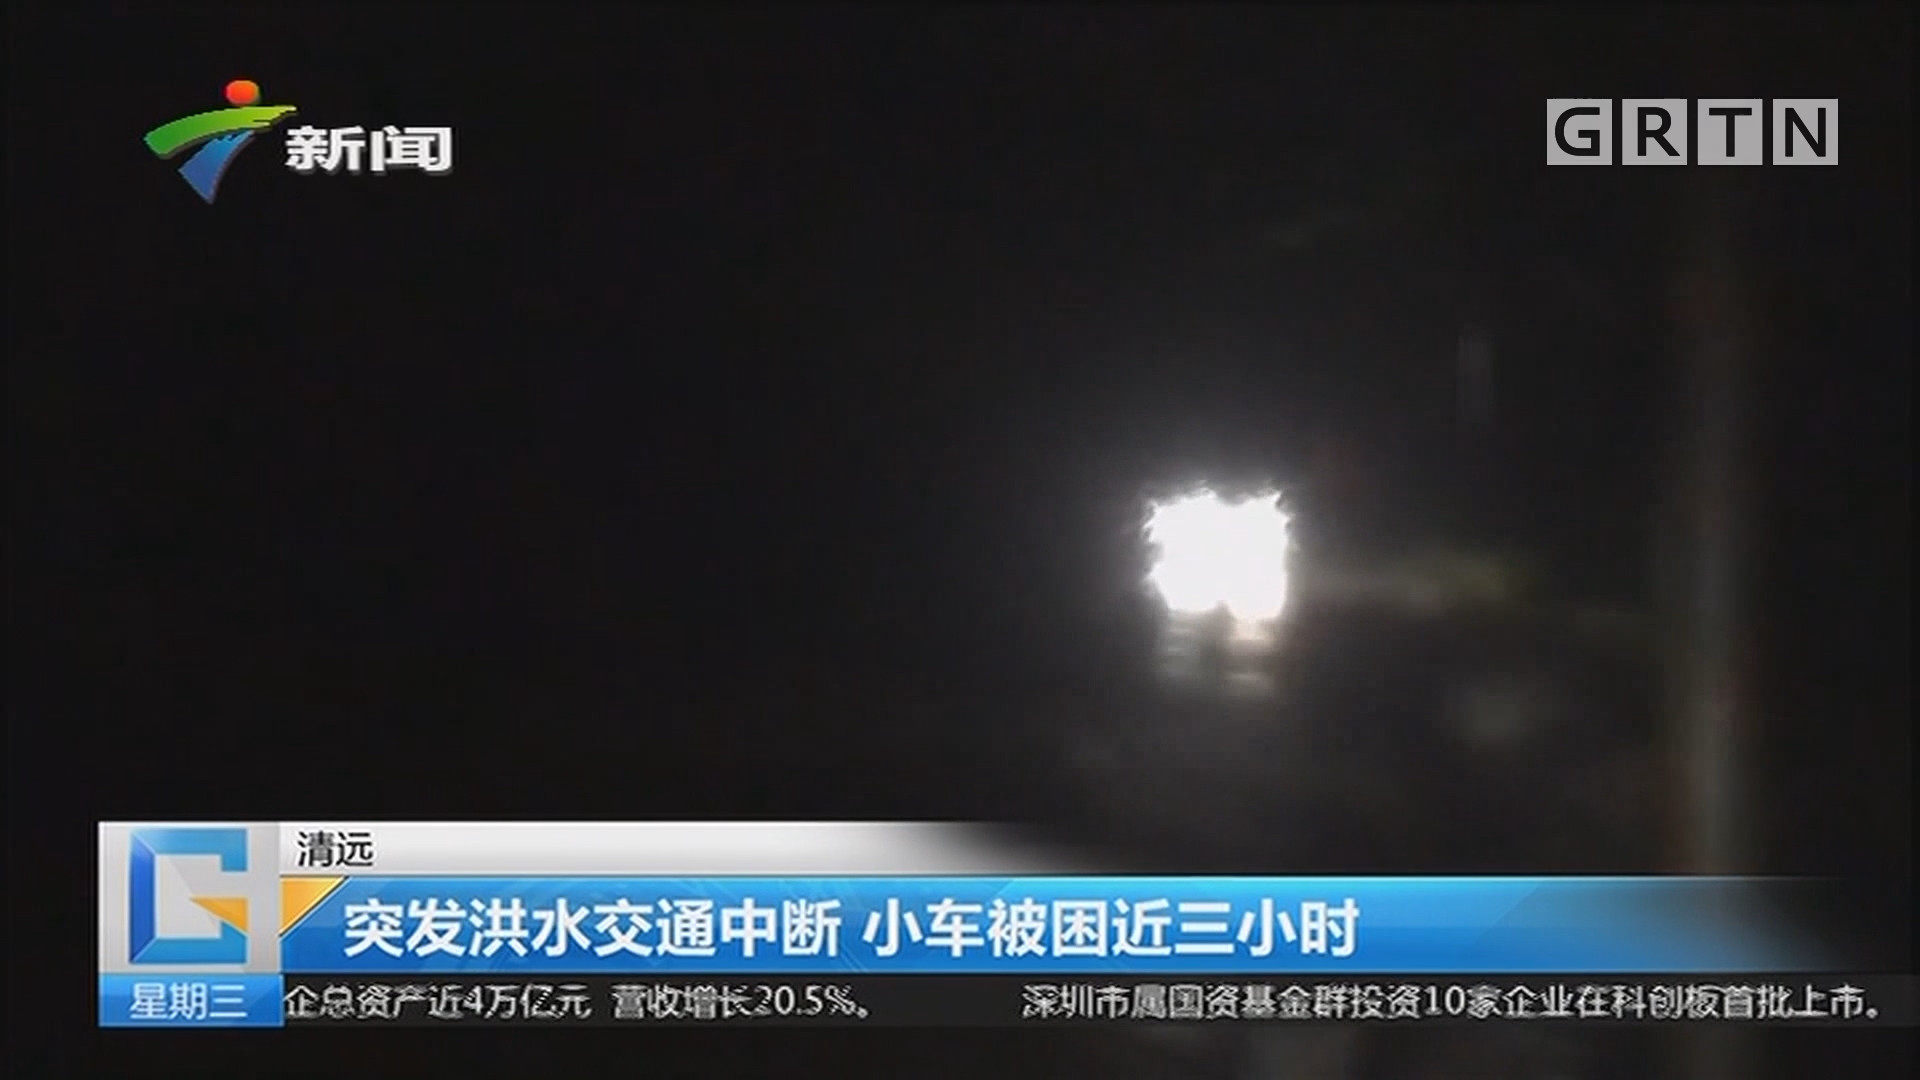 清远:突发洪水交通中断 小车被困近三小时